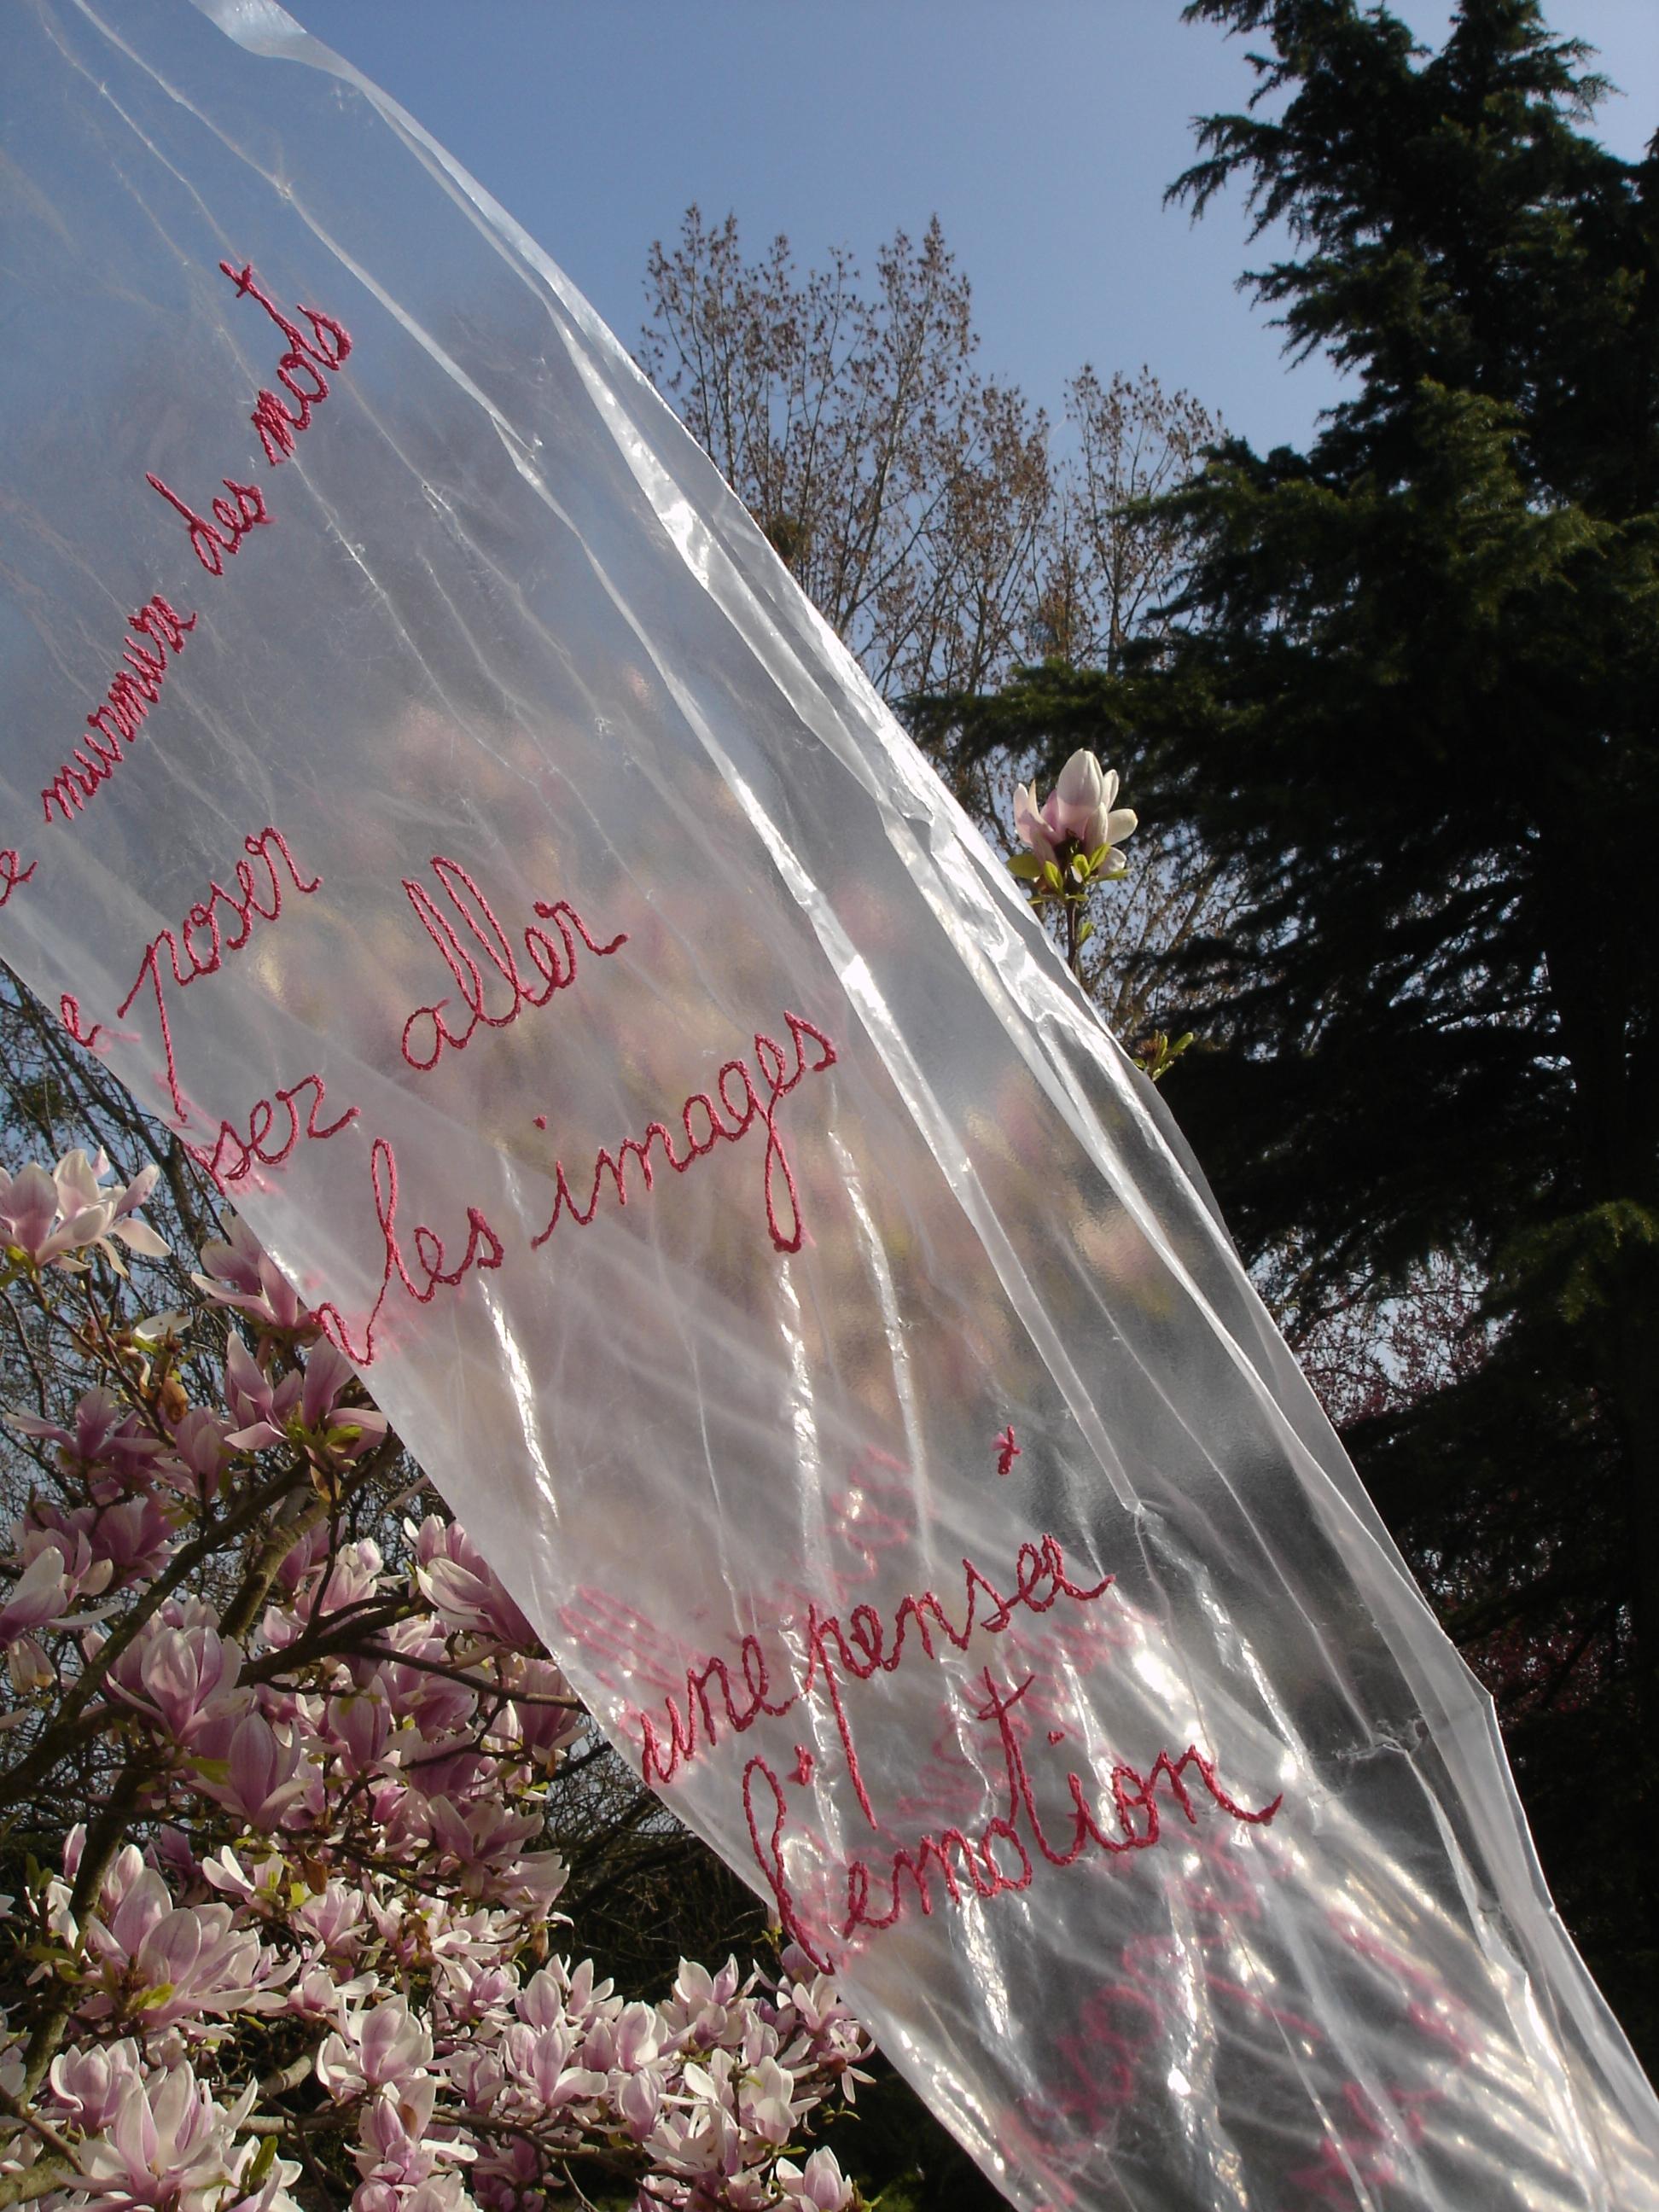 l'écritoire broderie sur bâche, H160cm L 60cm